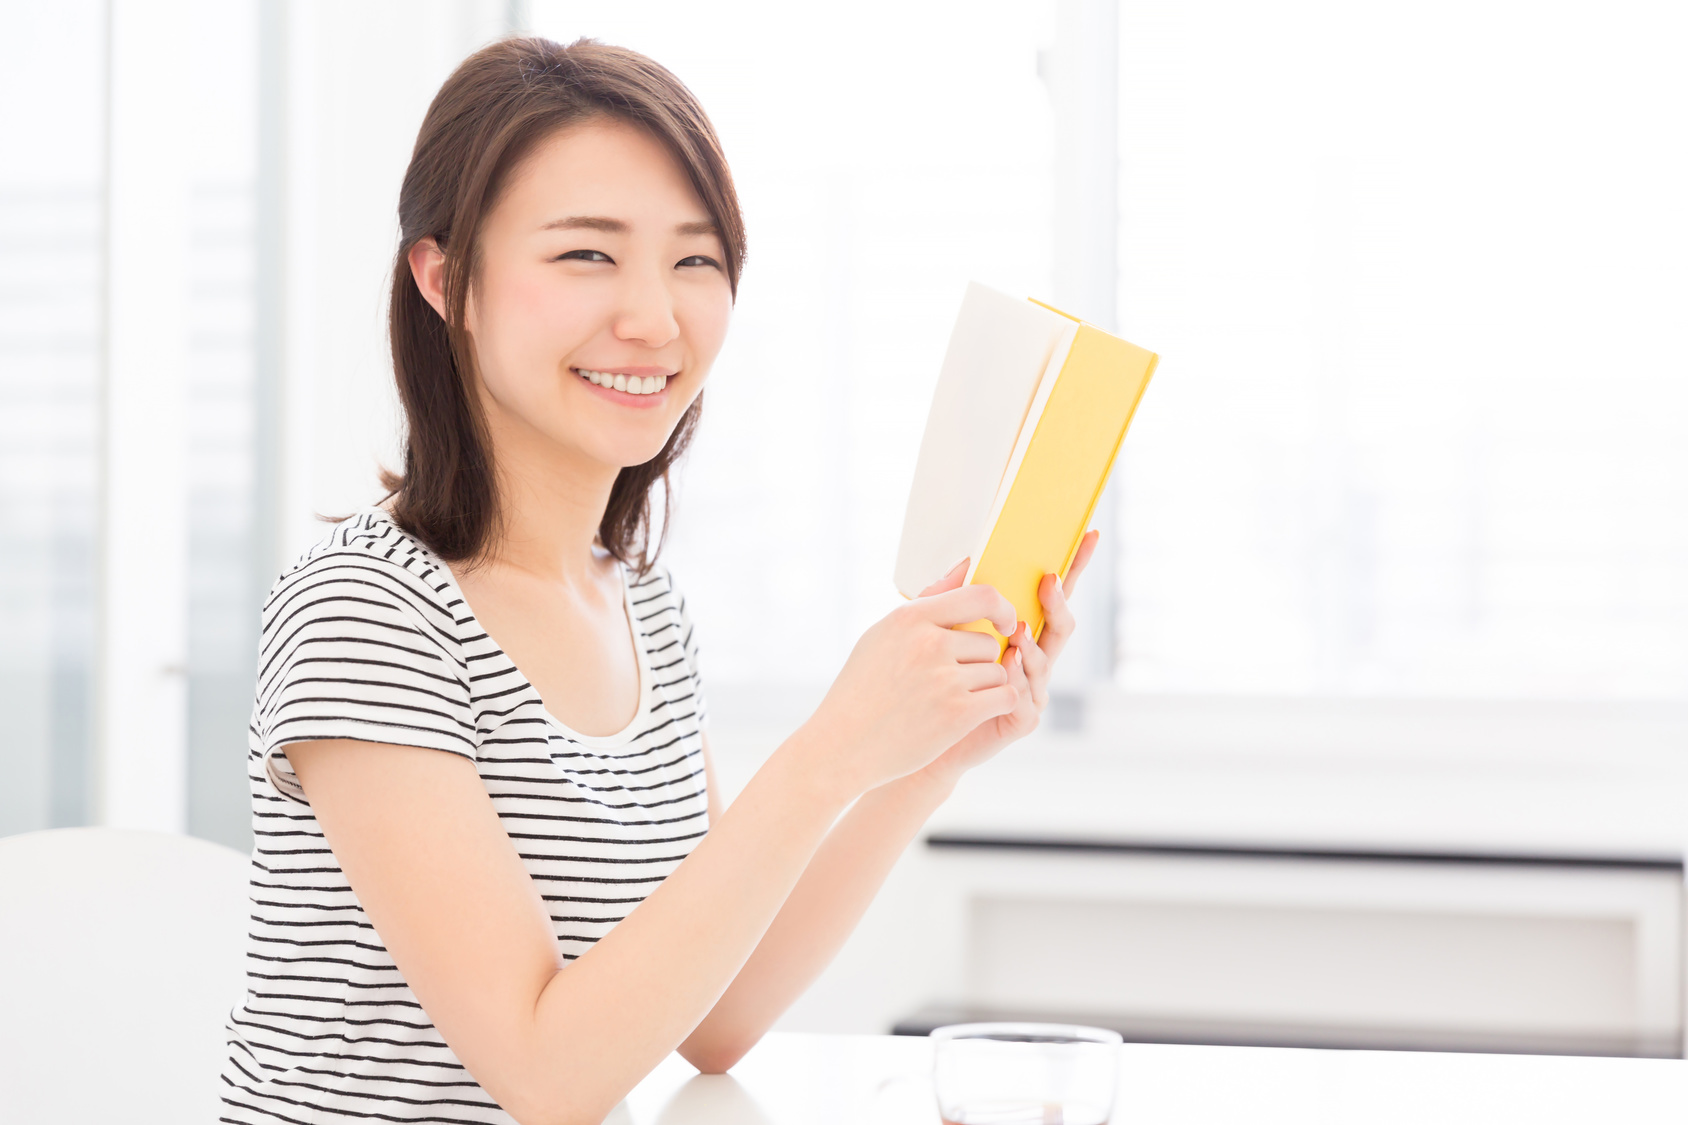 なぜ、起業家は多くの本を読むのか?おすすめの本も紹介します!